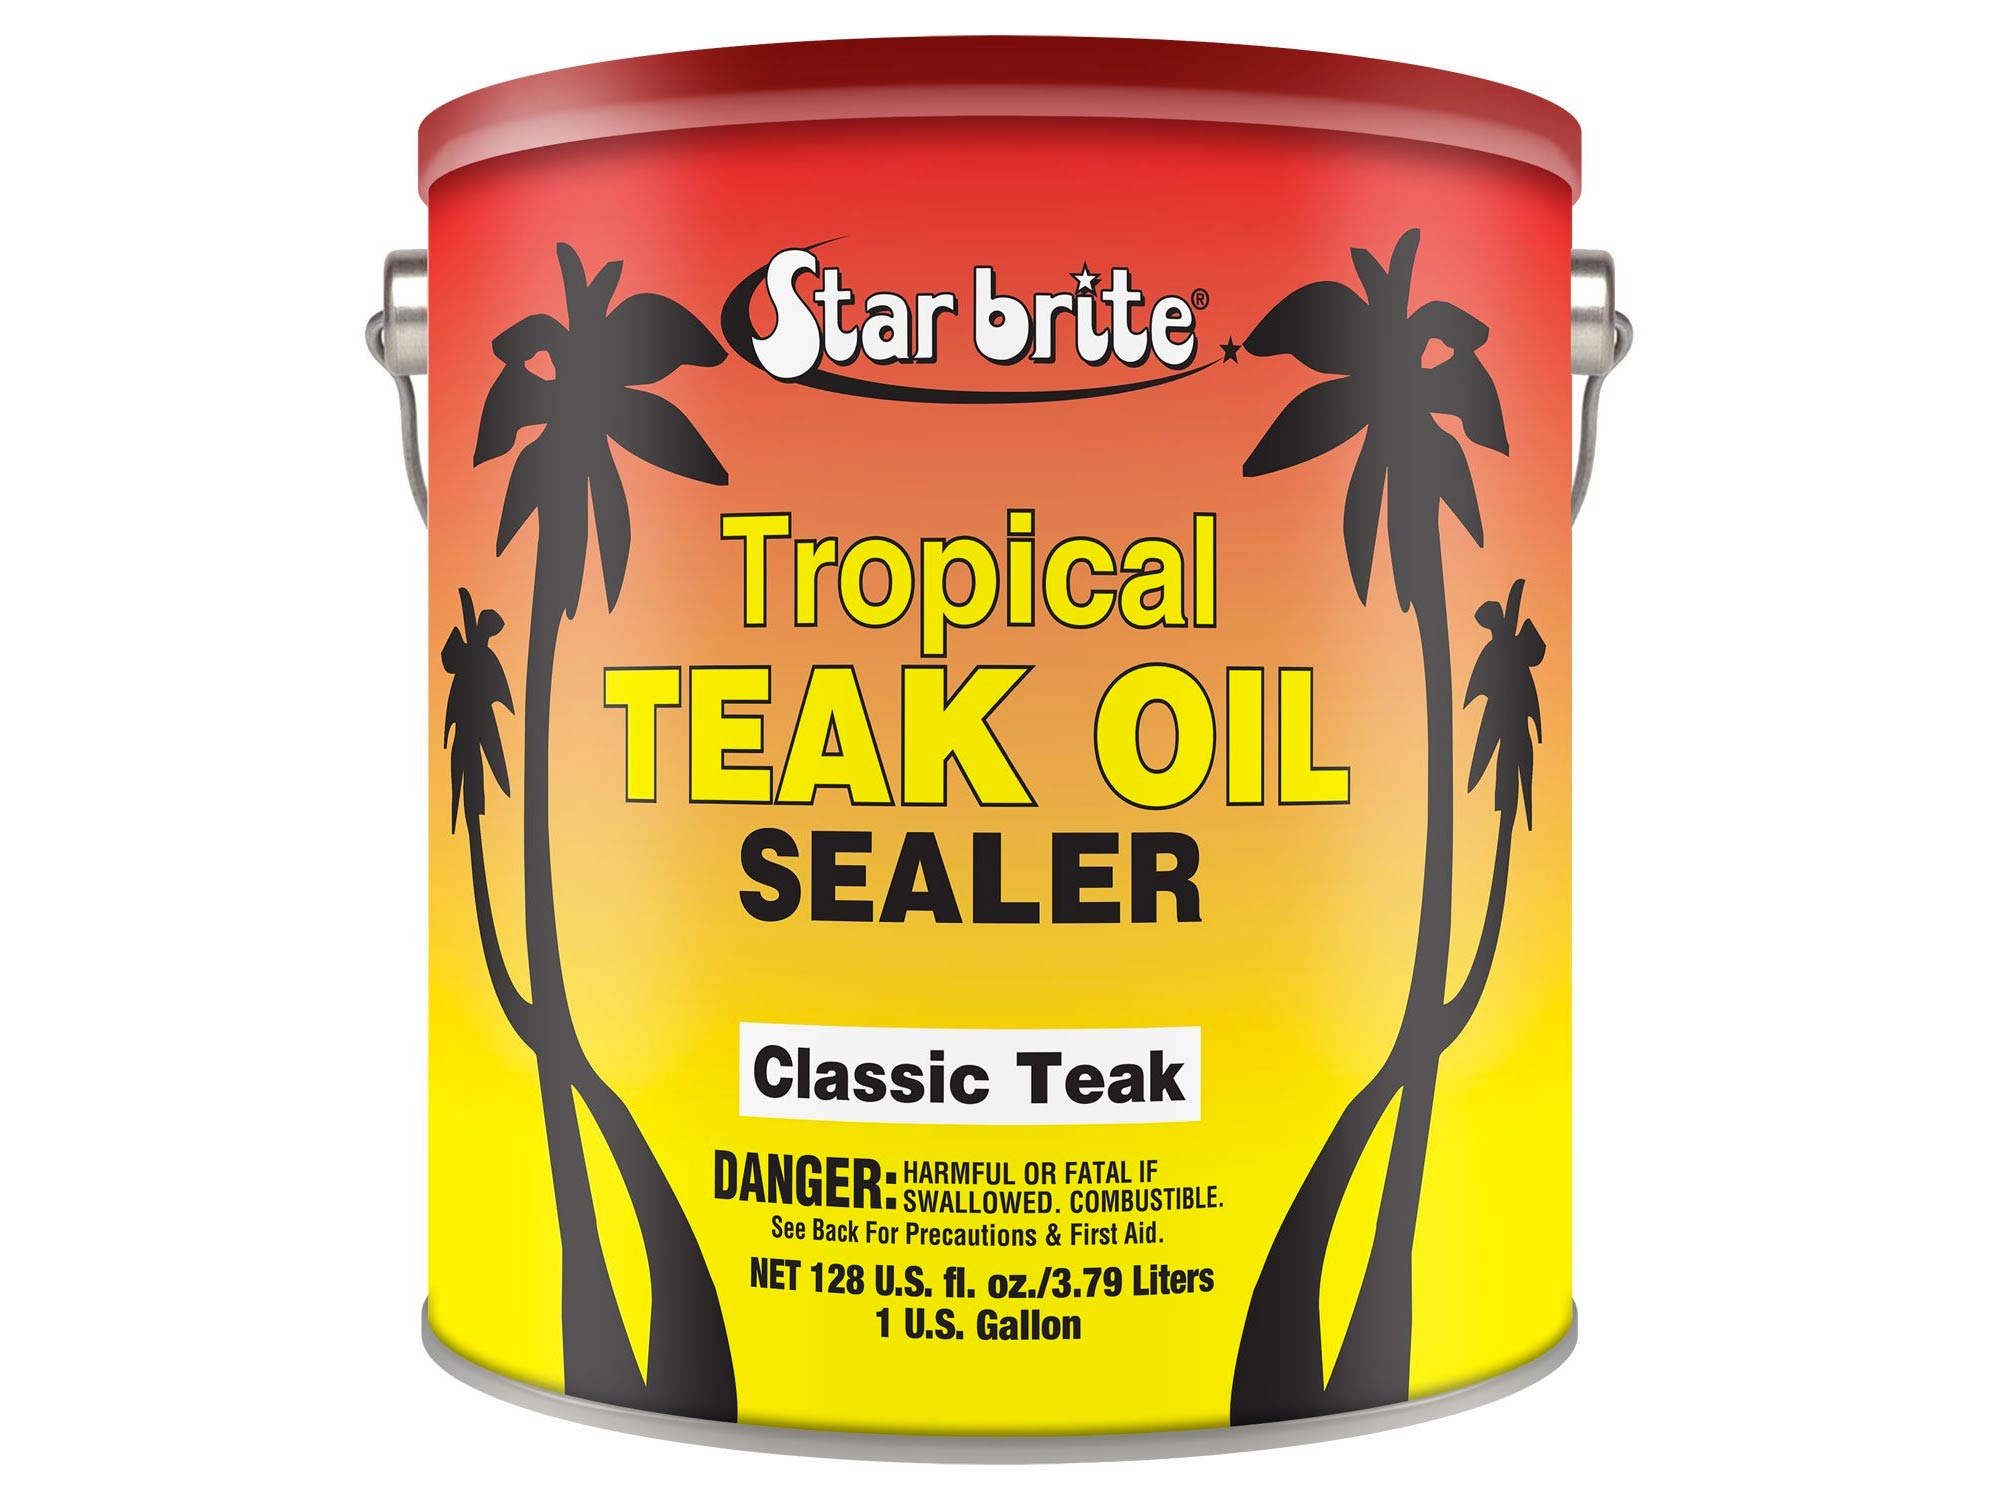 Teak oil sealer